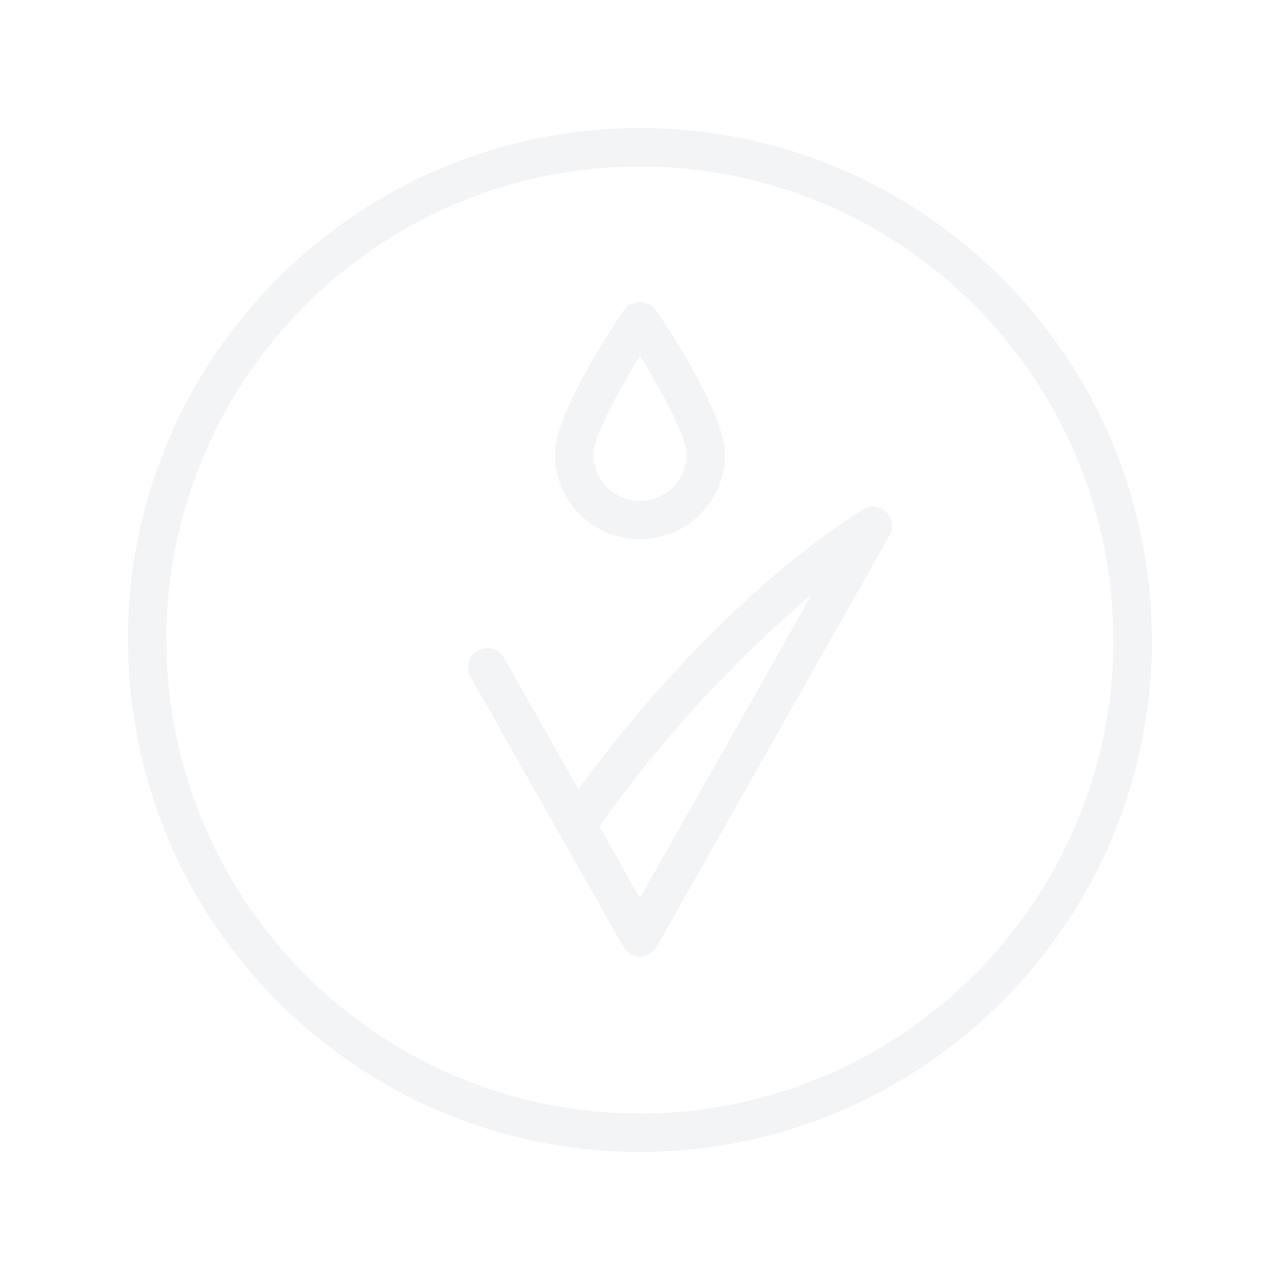 Sleek Makeup Brow Kit No.821 Medium 3.8g